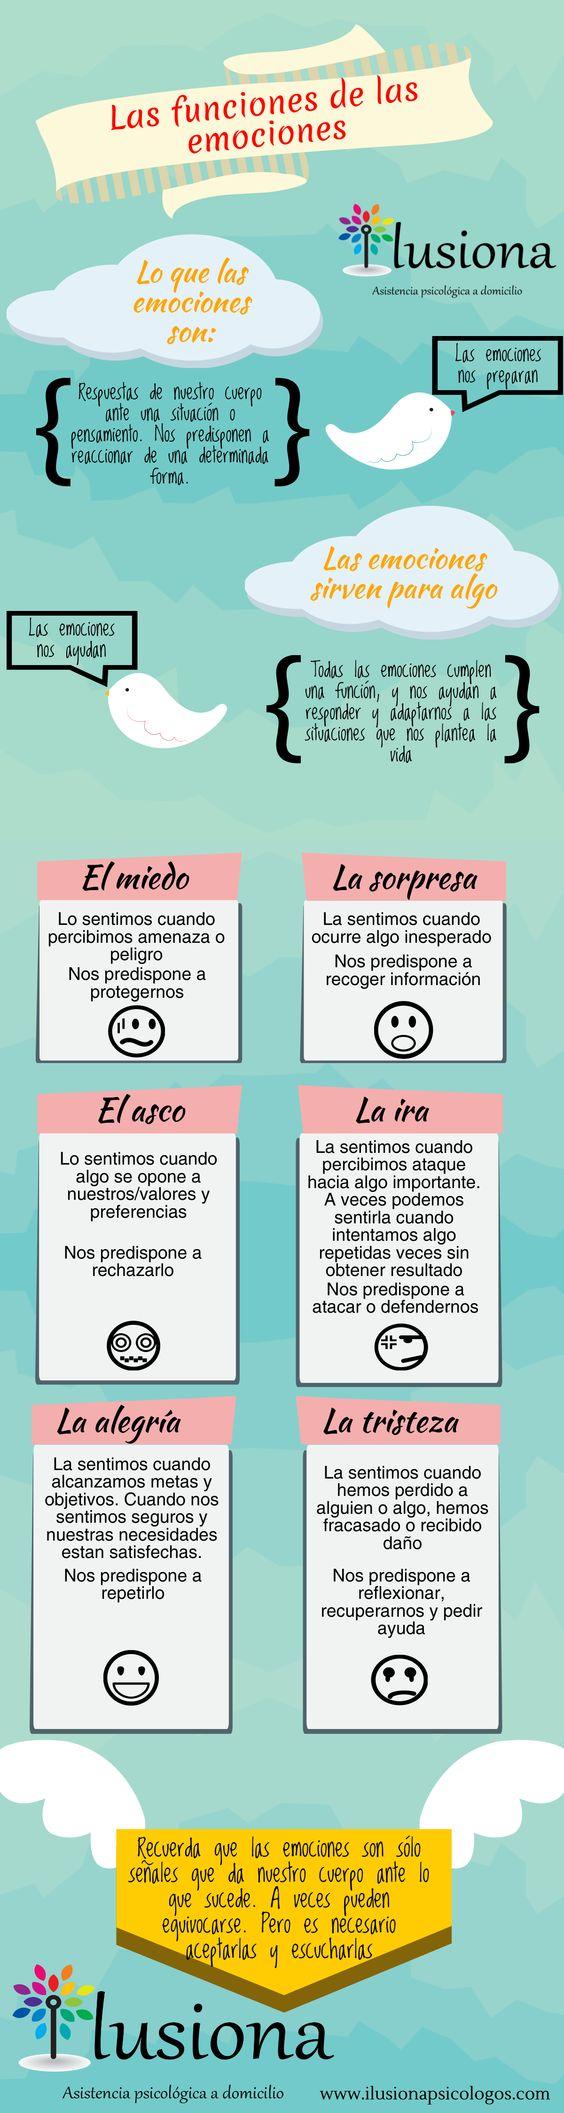 Las funciones de las emociones